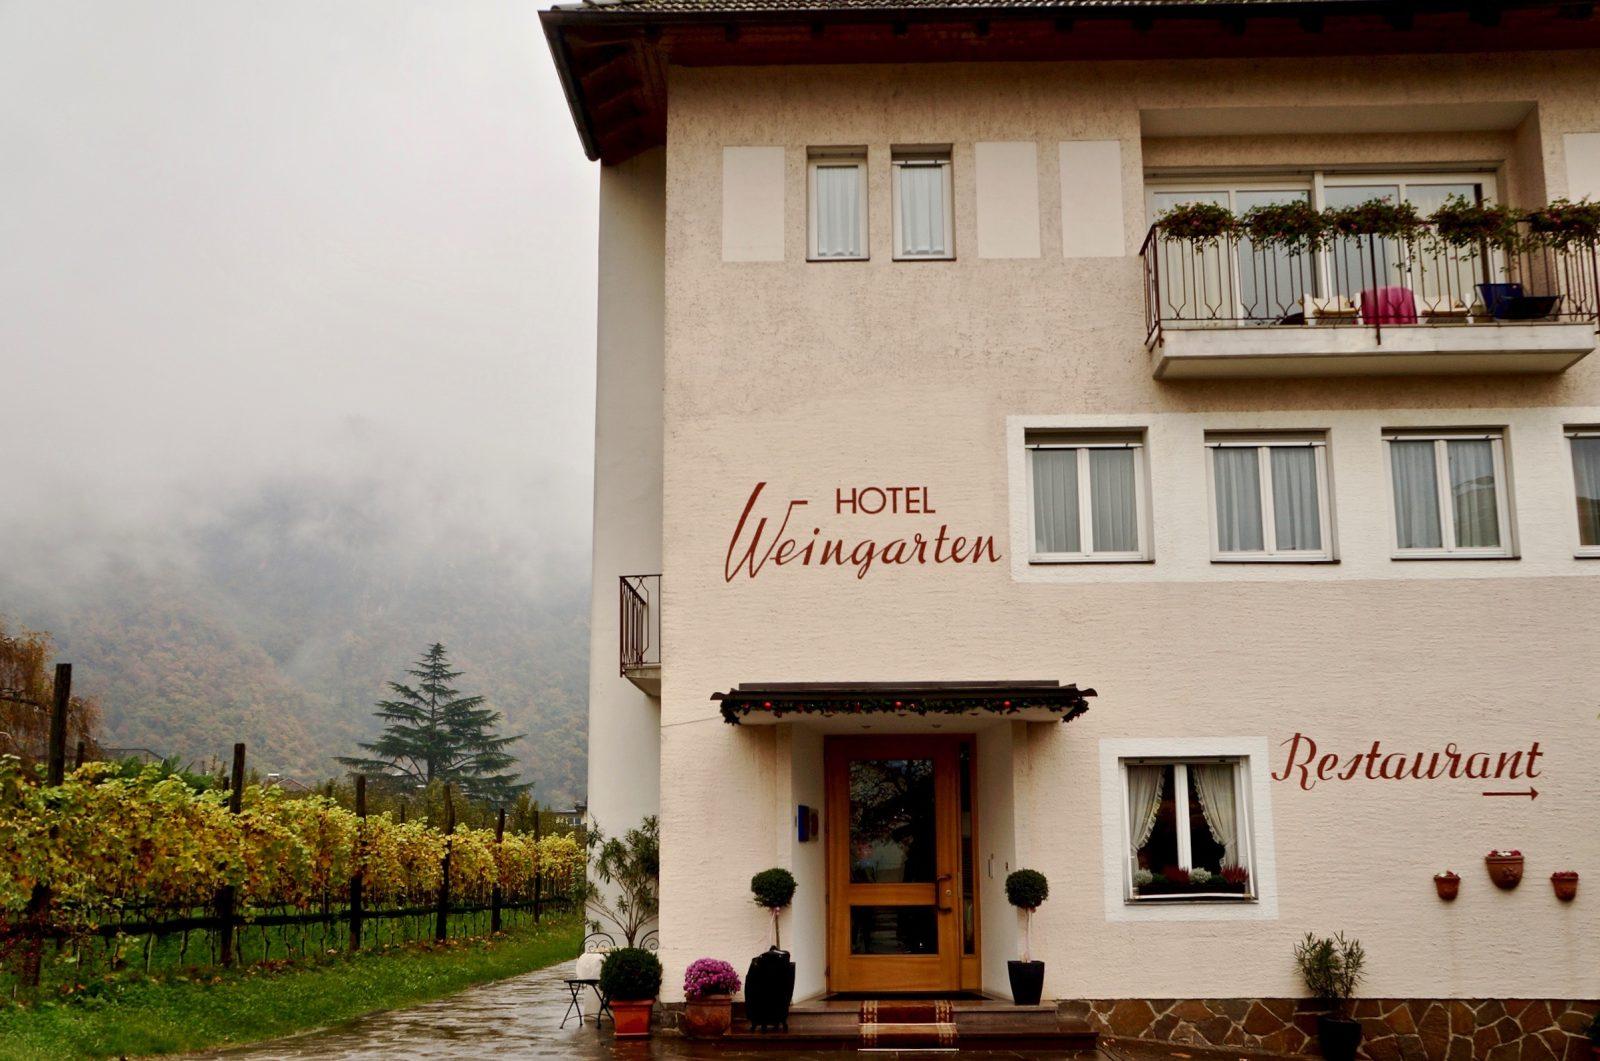 das sympathische Hotel Weingarten